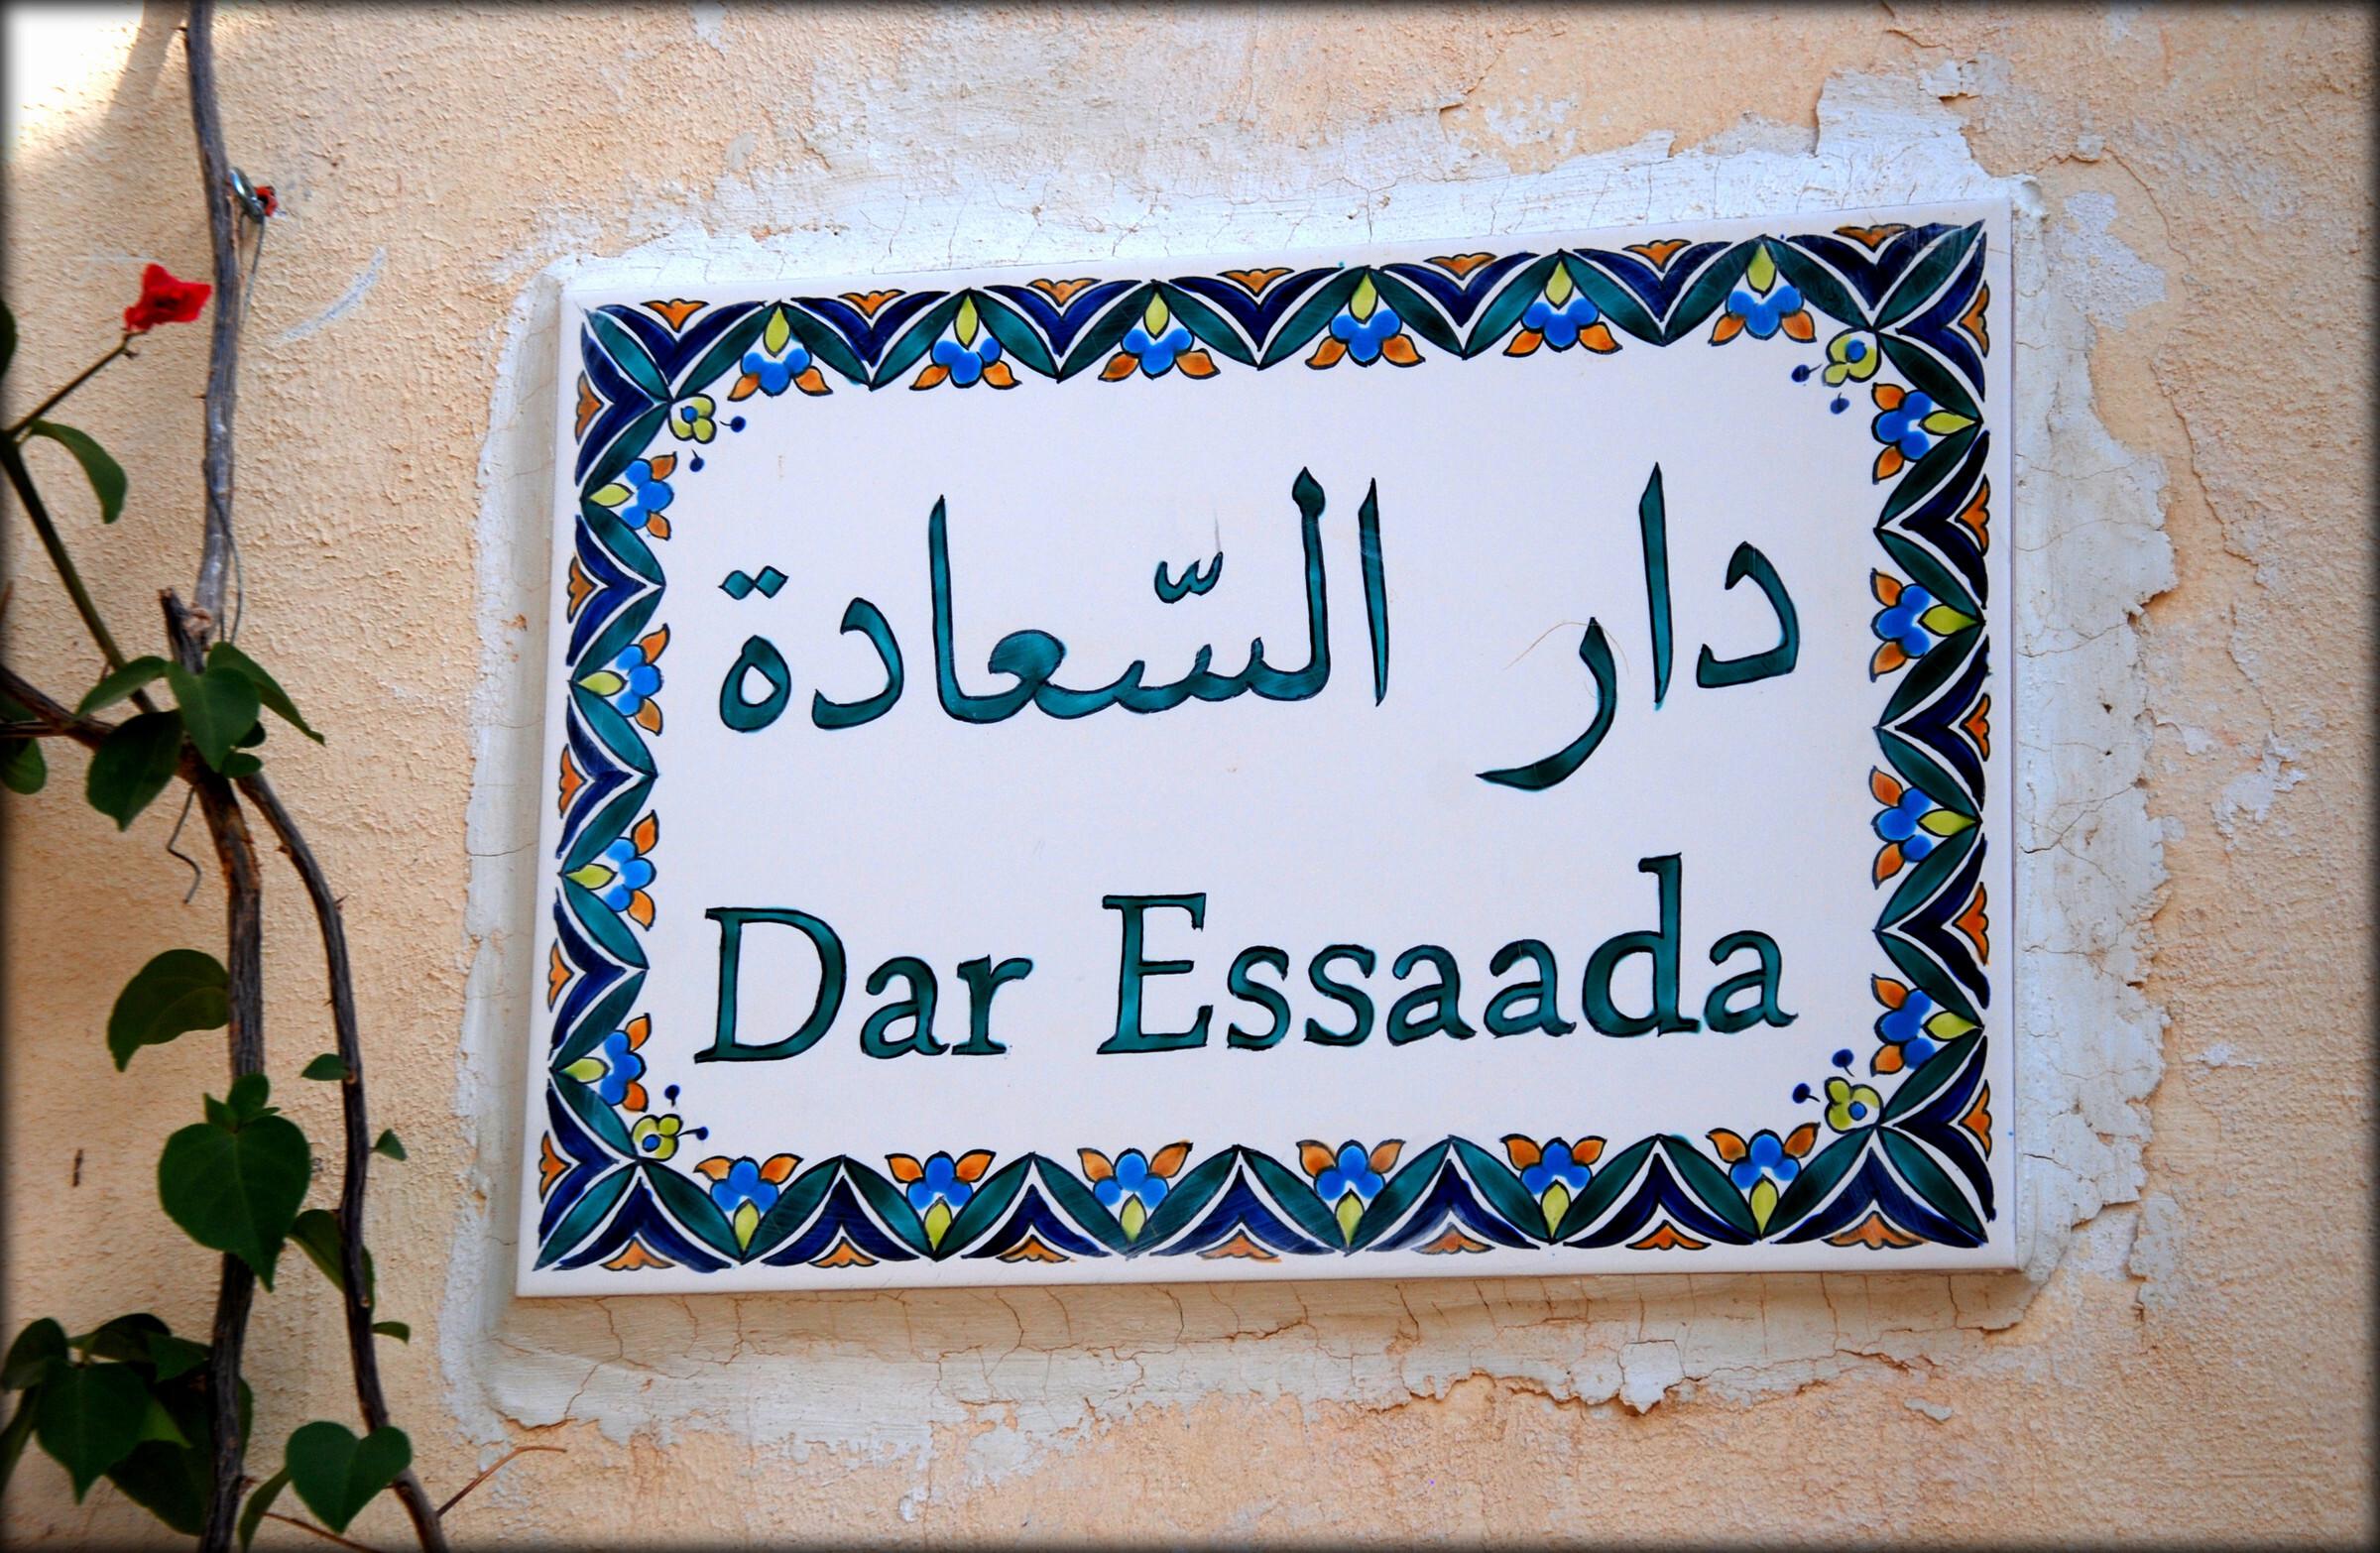 Табличка, обозначающая название улицы., Исчезающая красота города художников